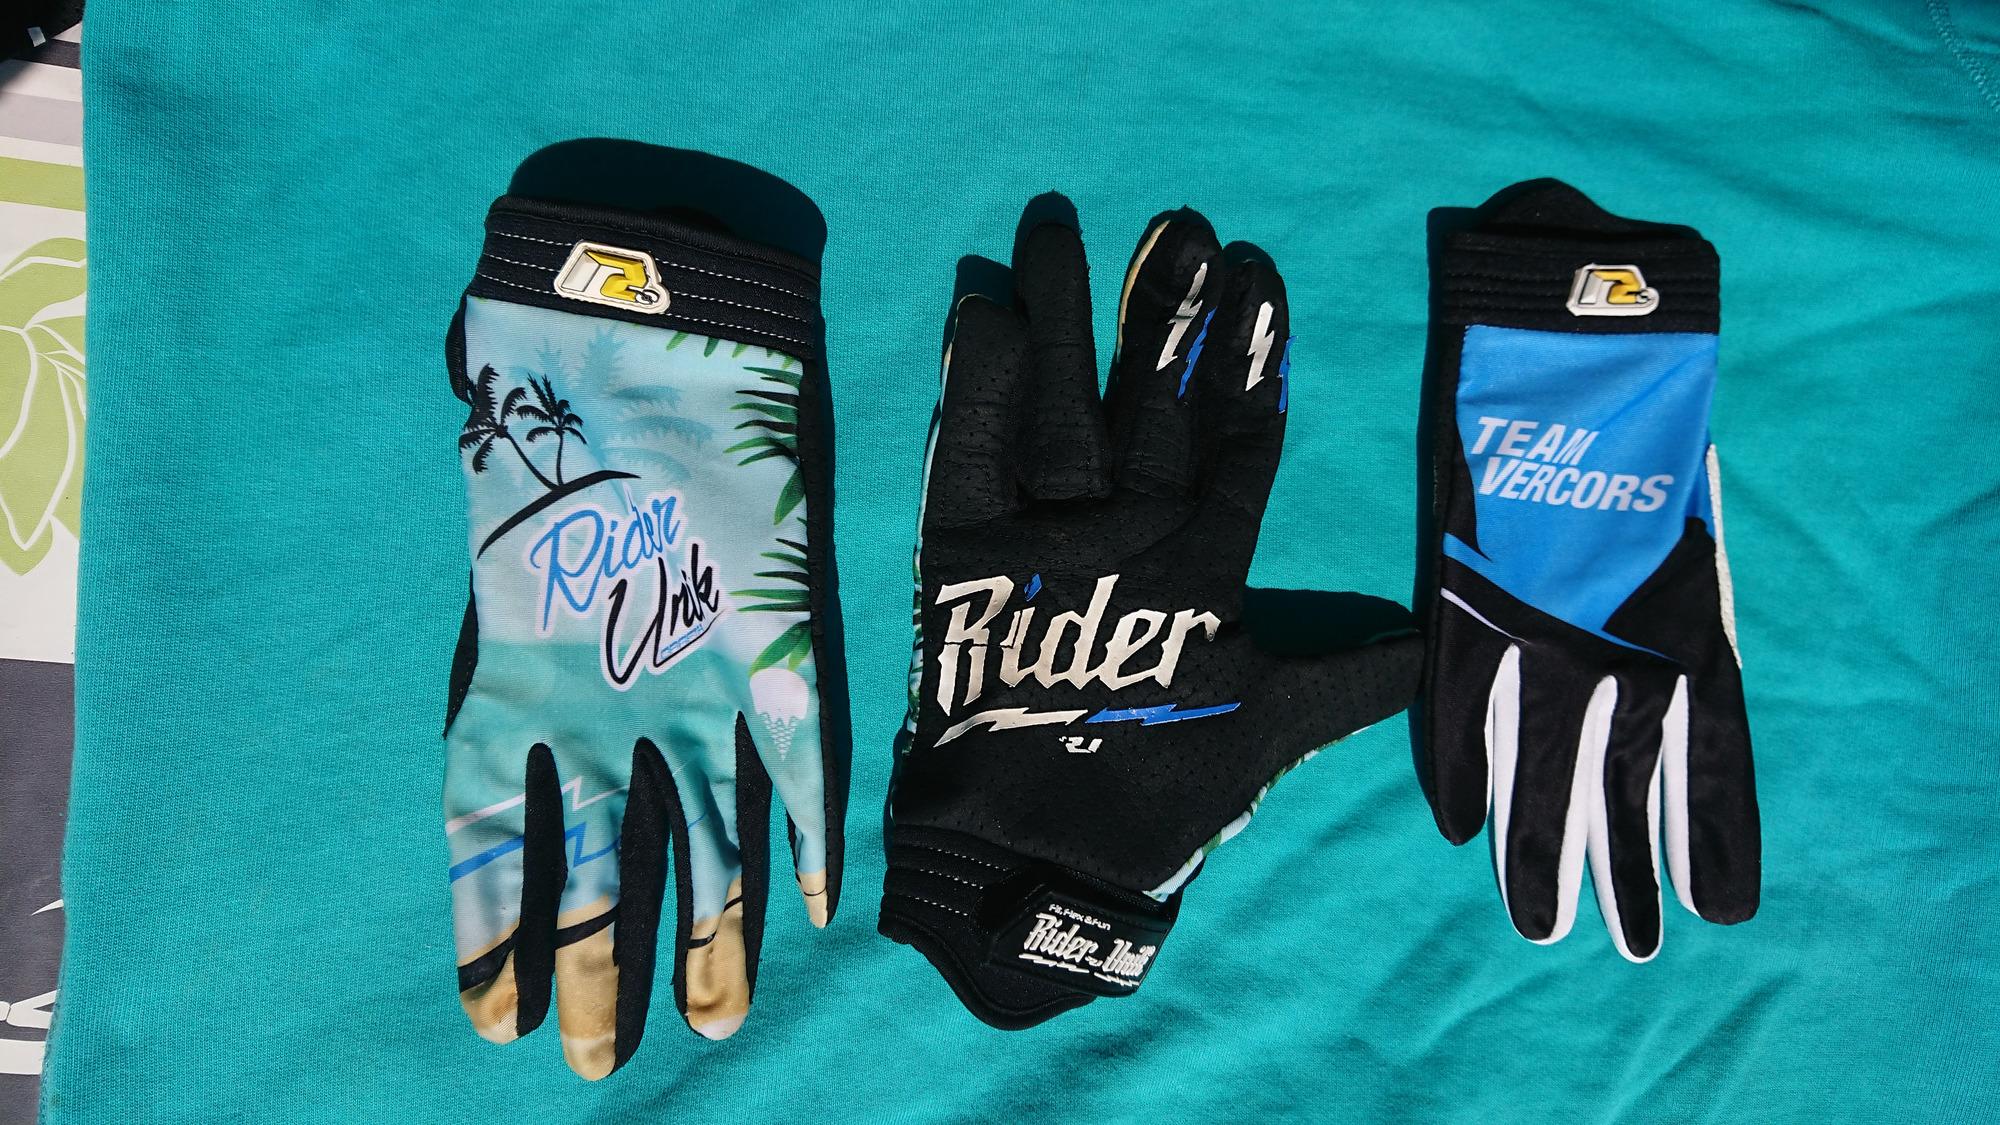 RiderUnik Gloves Skinfit